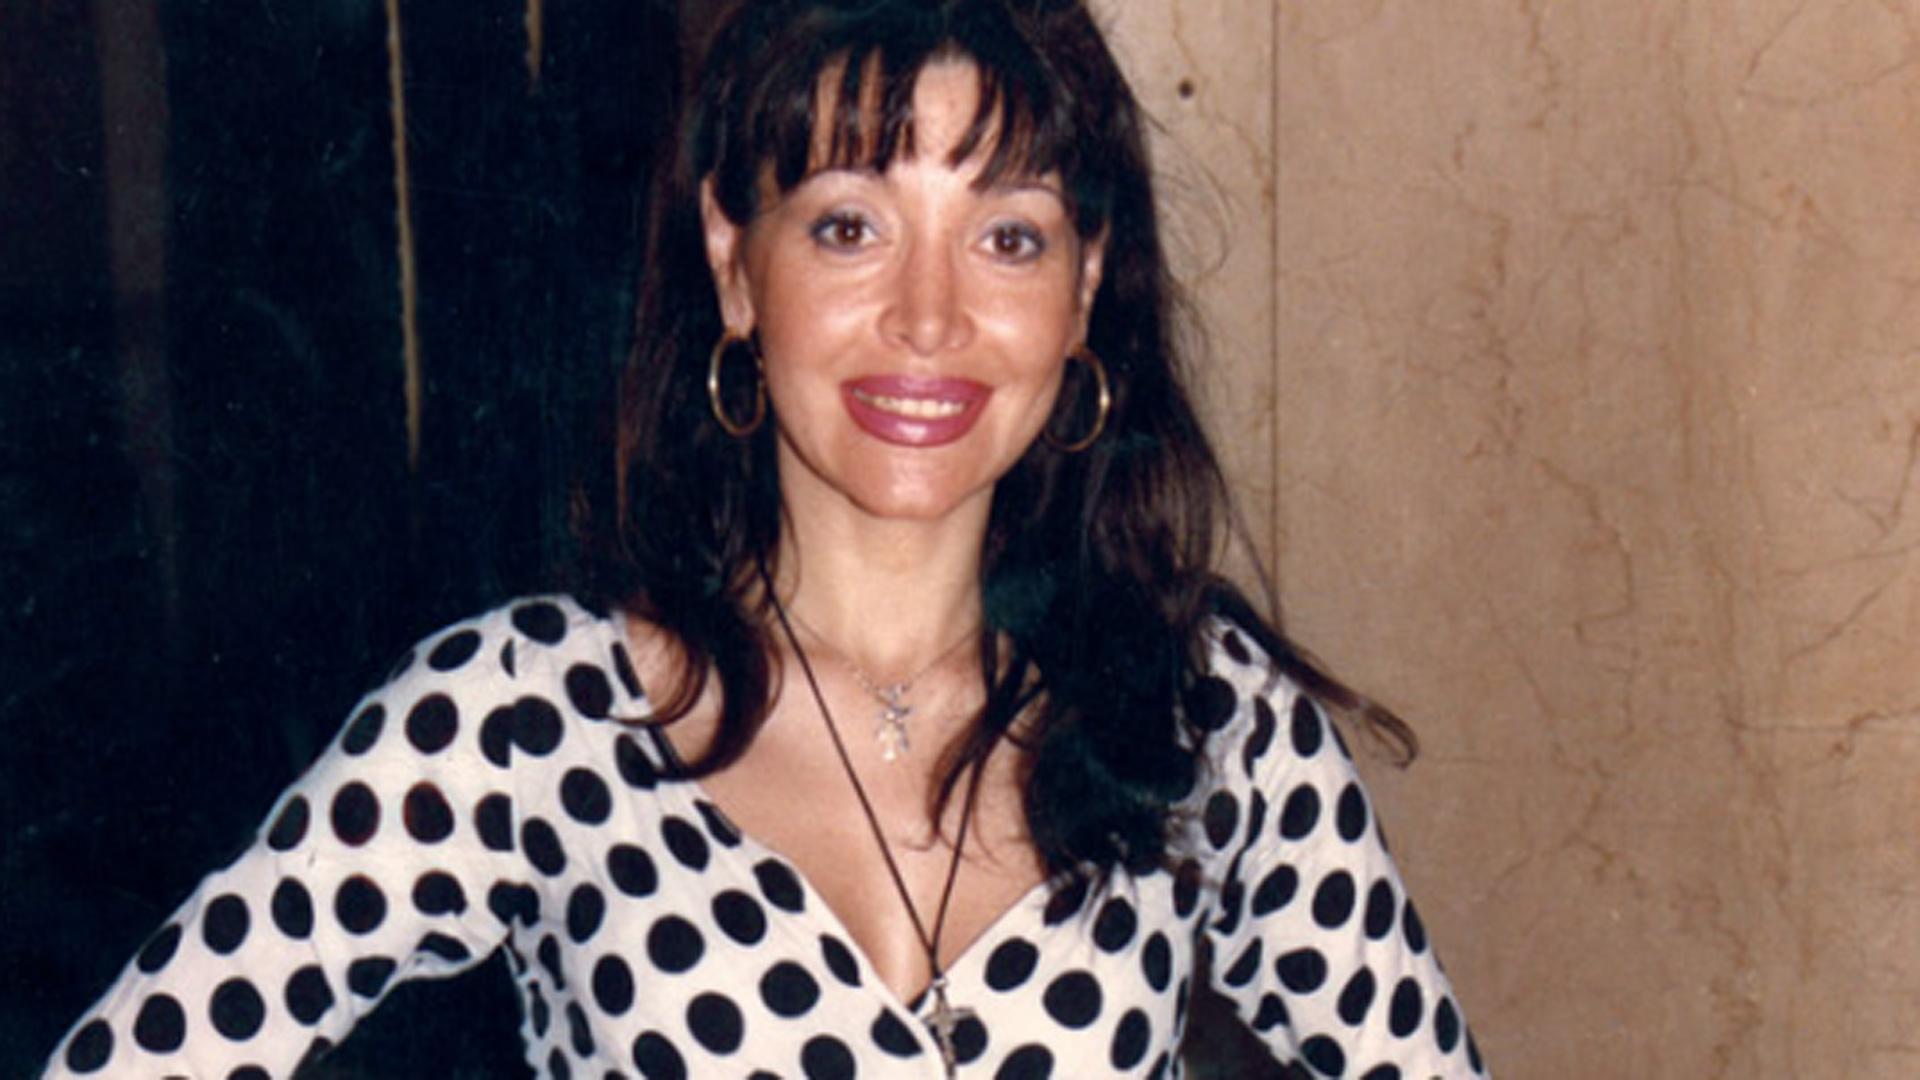 Actriz Porno Fallecida Accidente cómo fueron las últimas horas de gilda antes del choque que